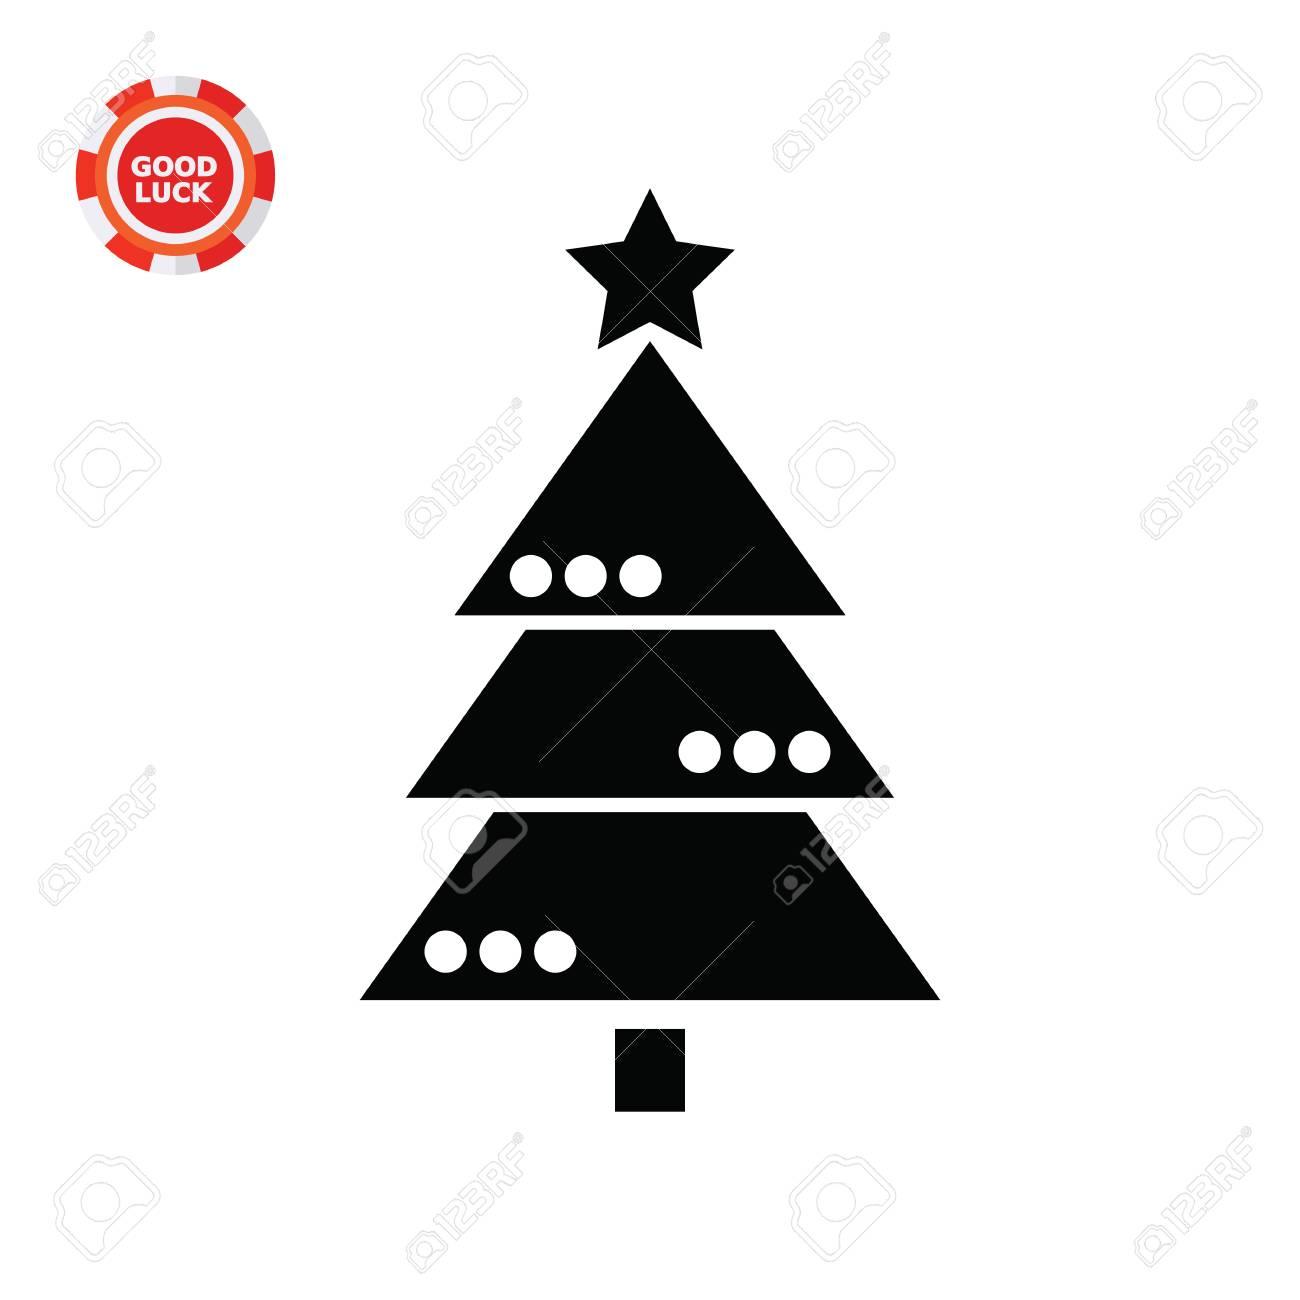 Themen Zu Weihnachten.Stock Photo